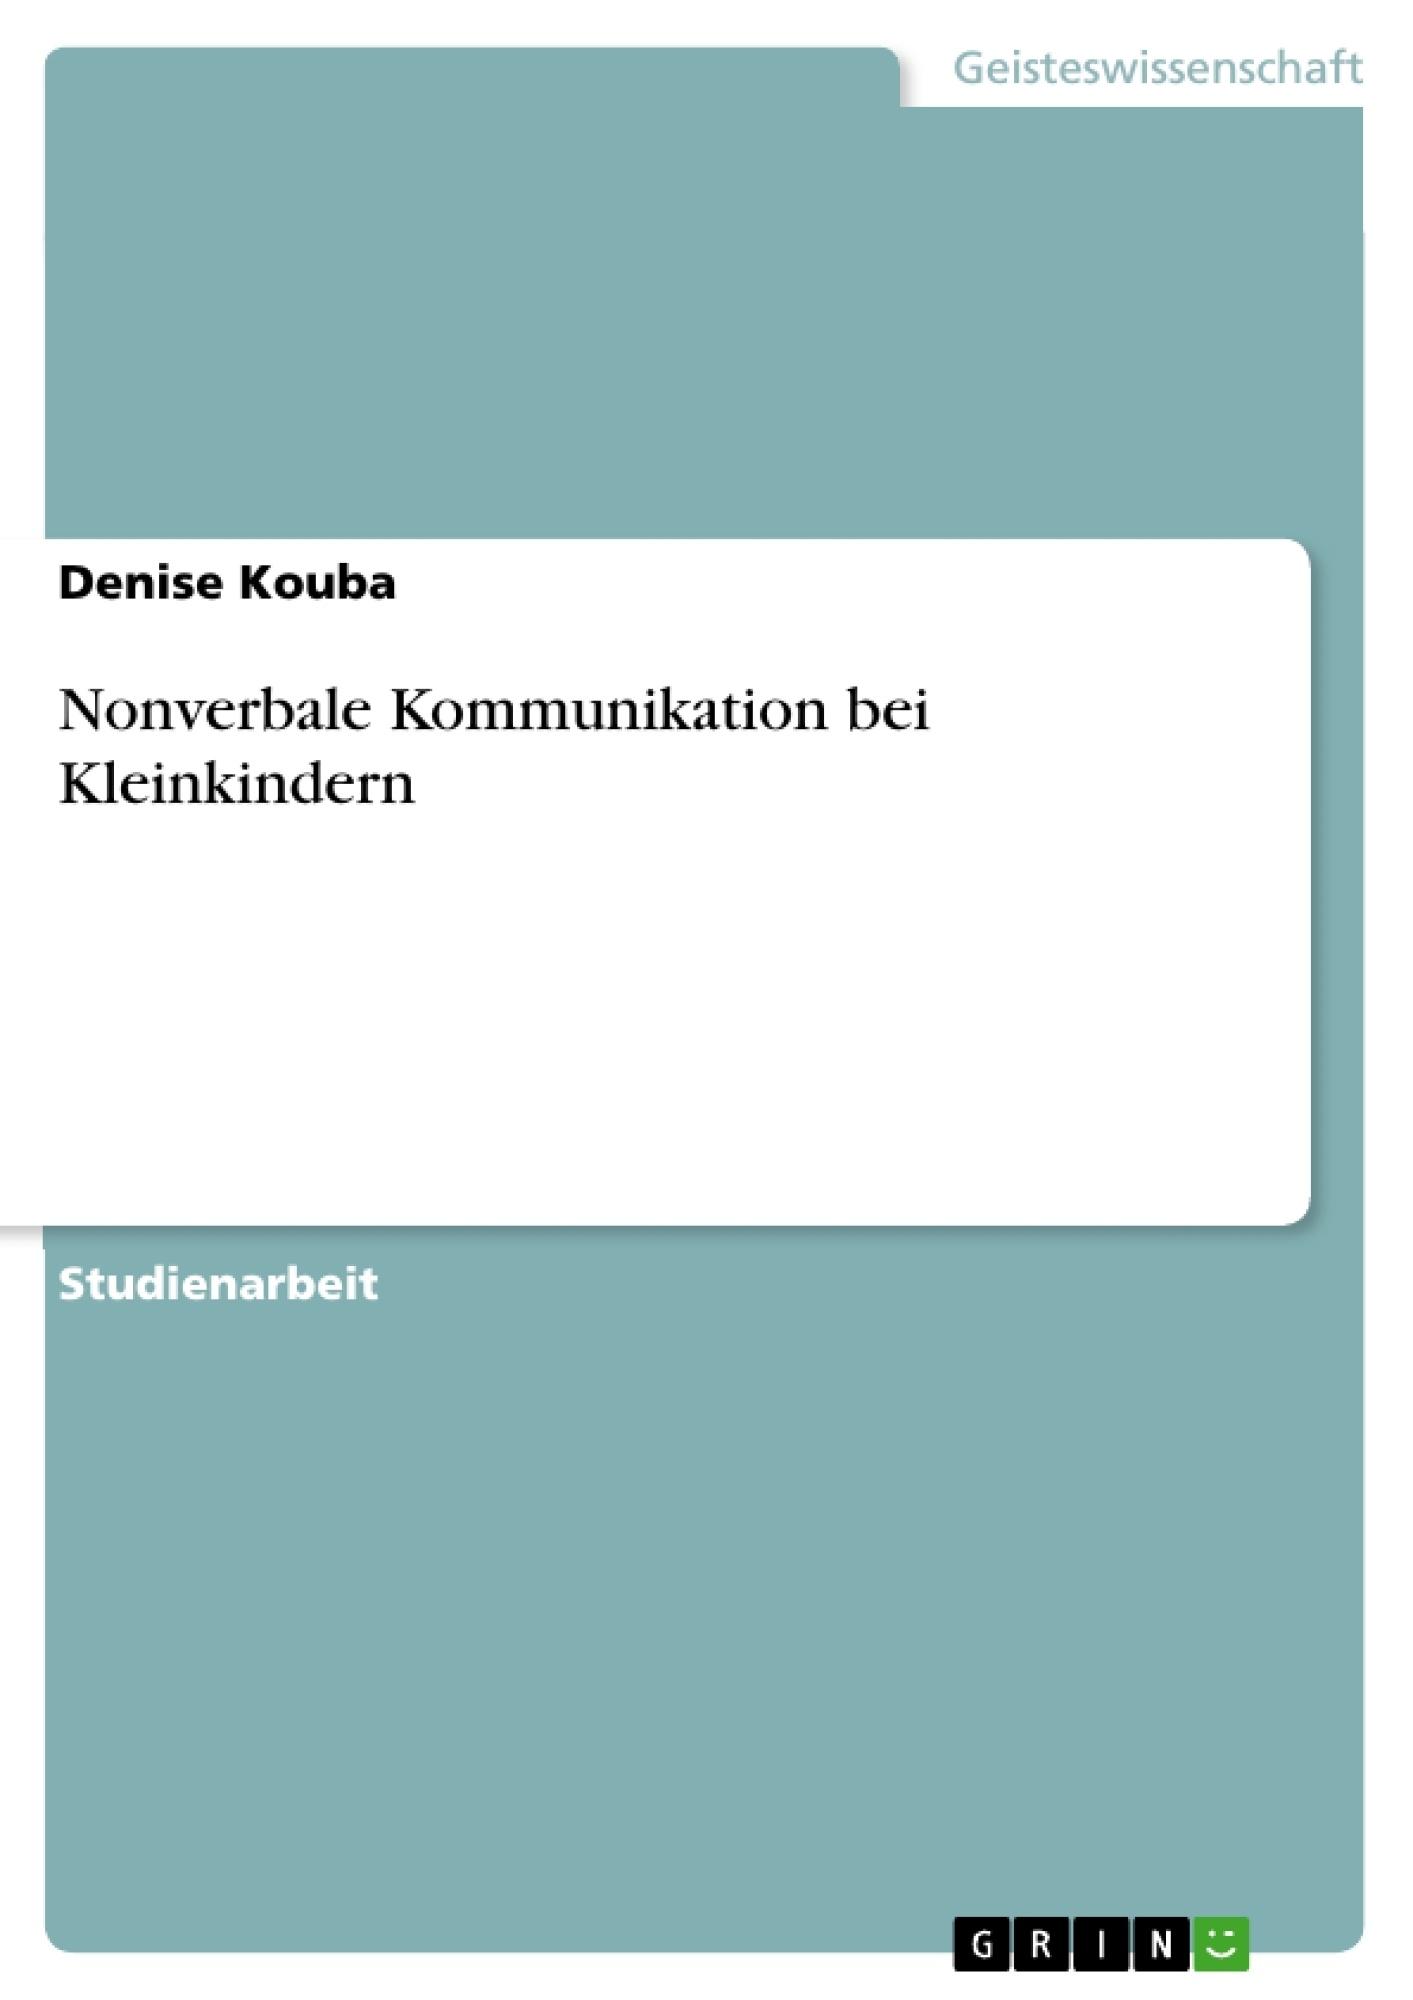 Titel: Nonverbale Kommunikation bei Kleinkindern